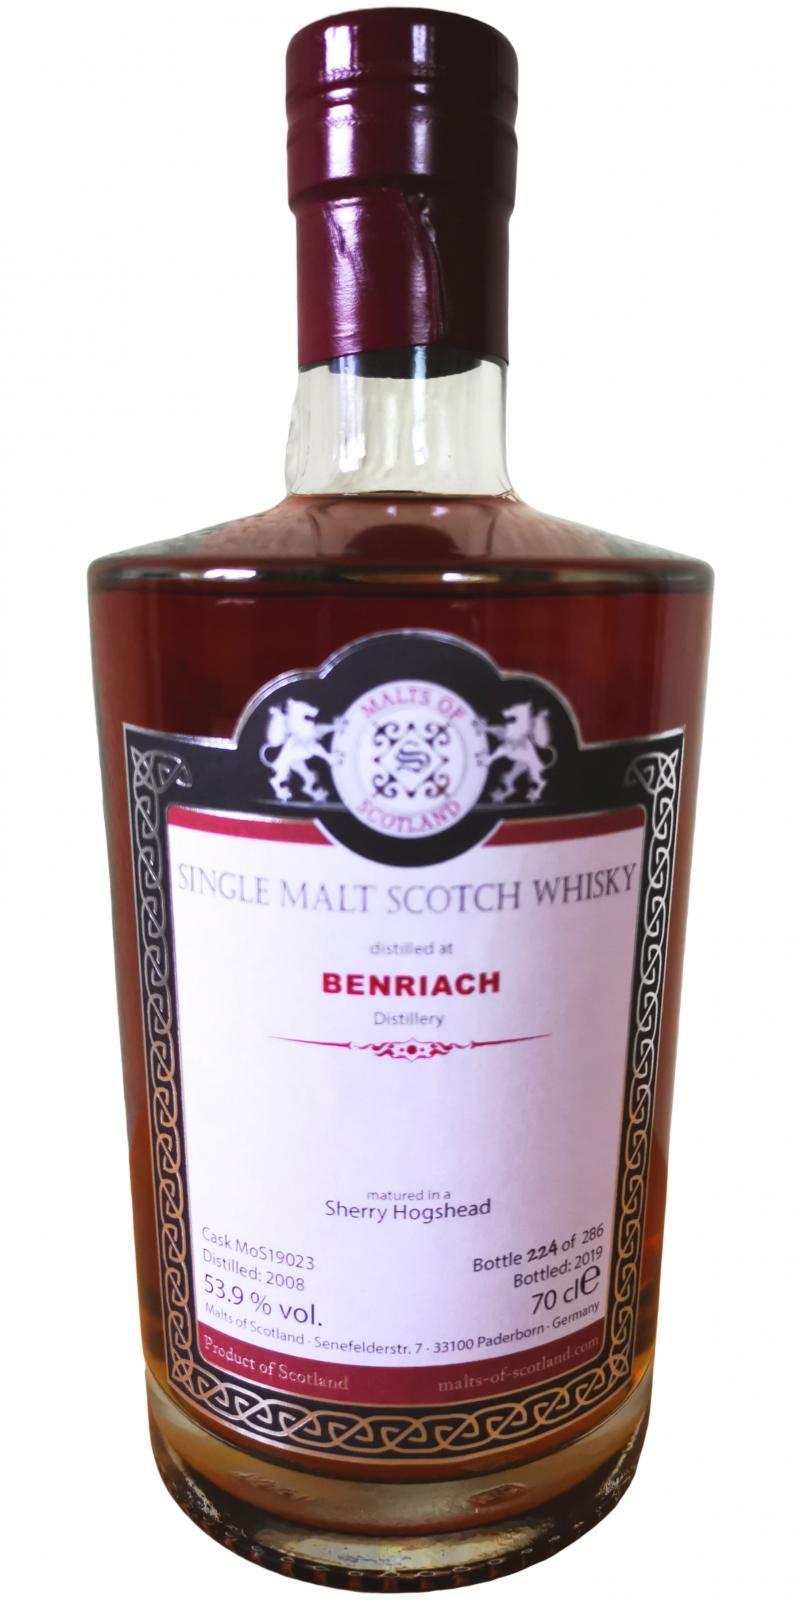 BenRiach 2008 MoS